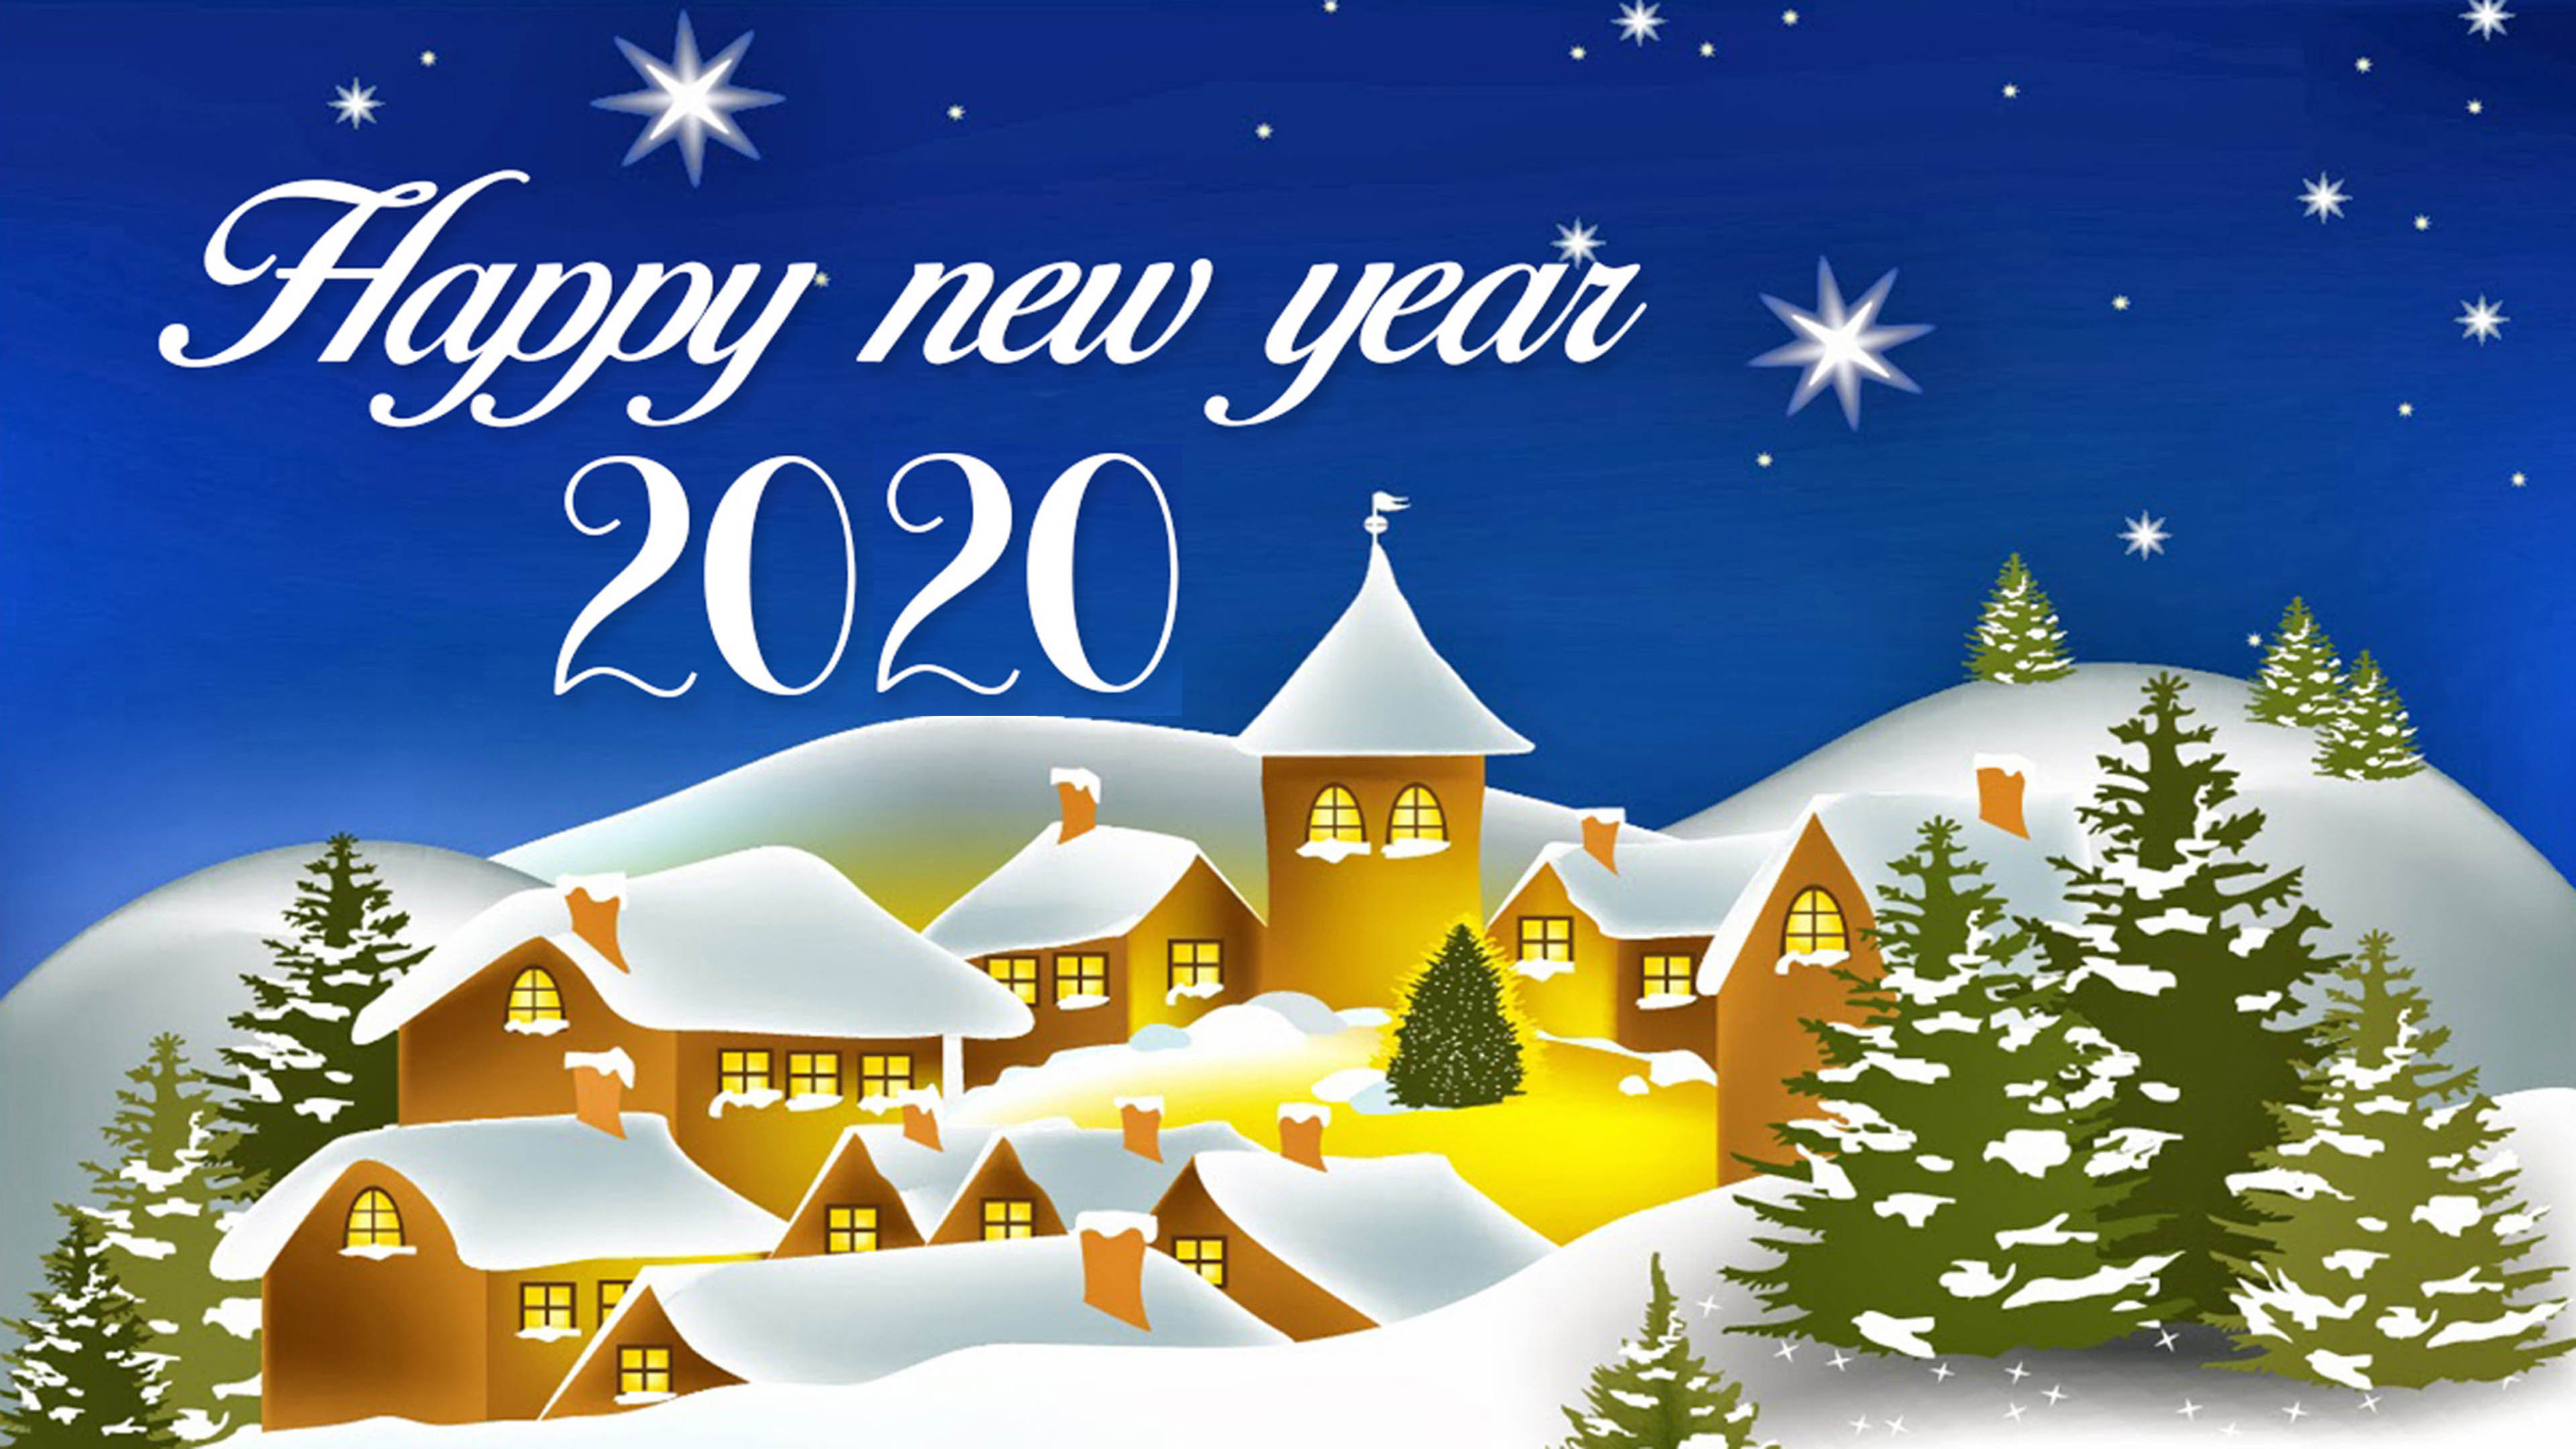 33+] Latest Christmas 2020 HD Wallpapers on WallpaperSafari